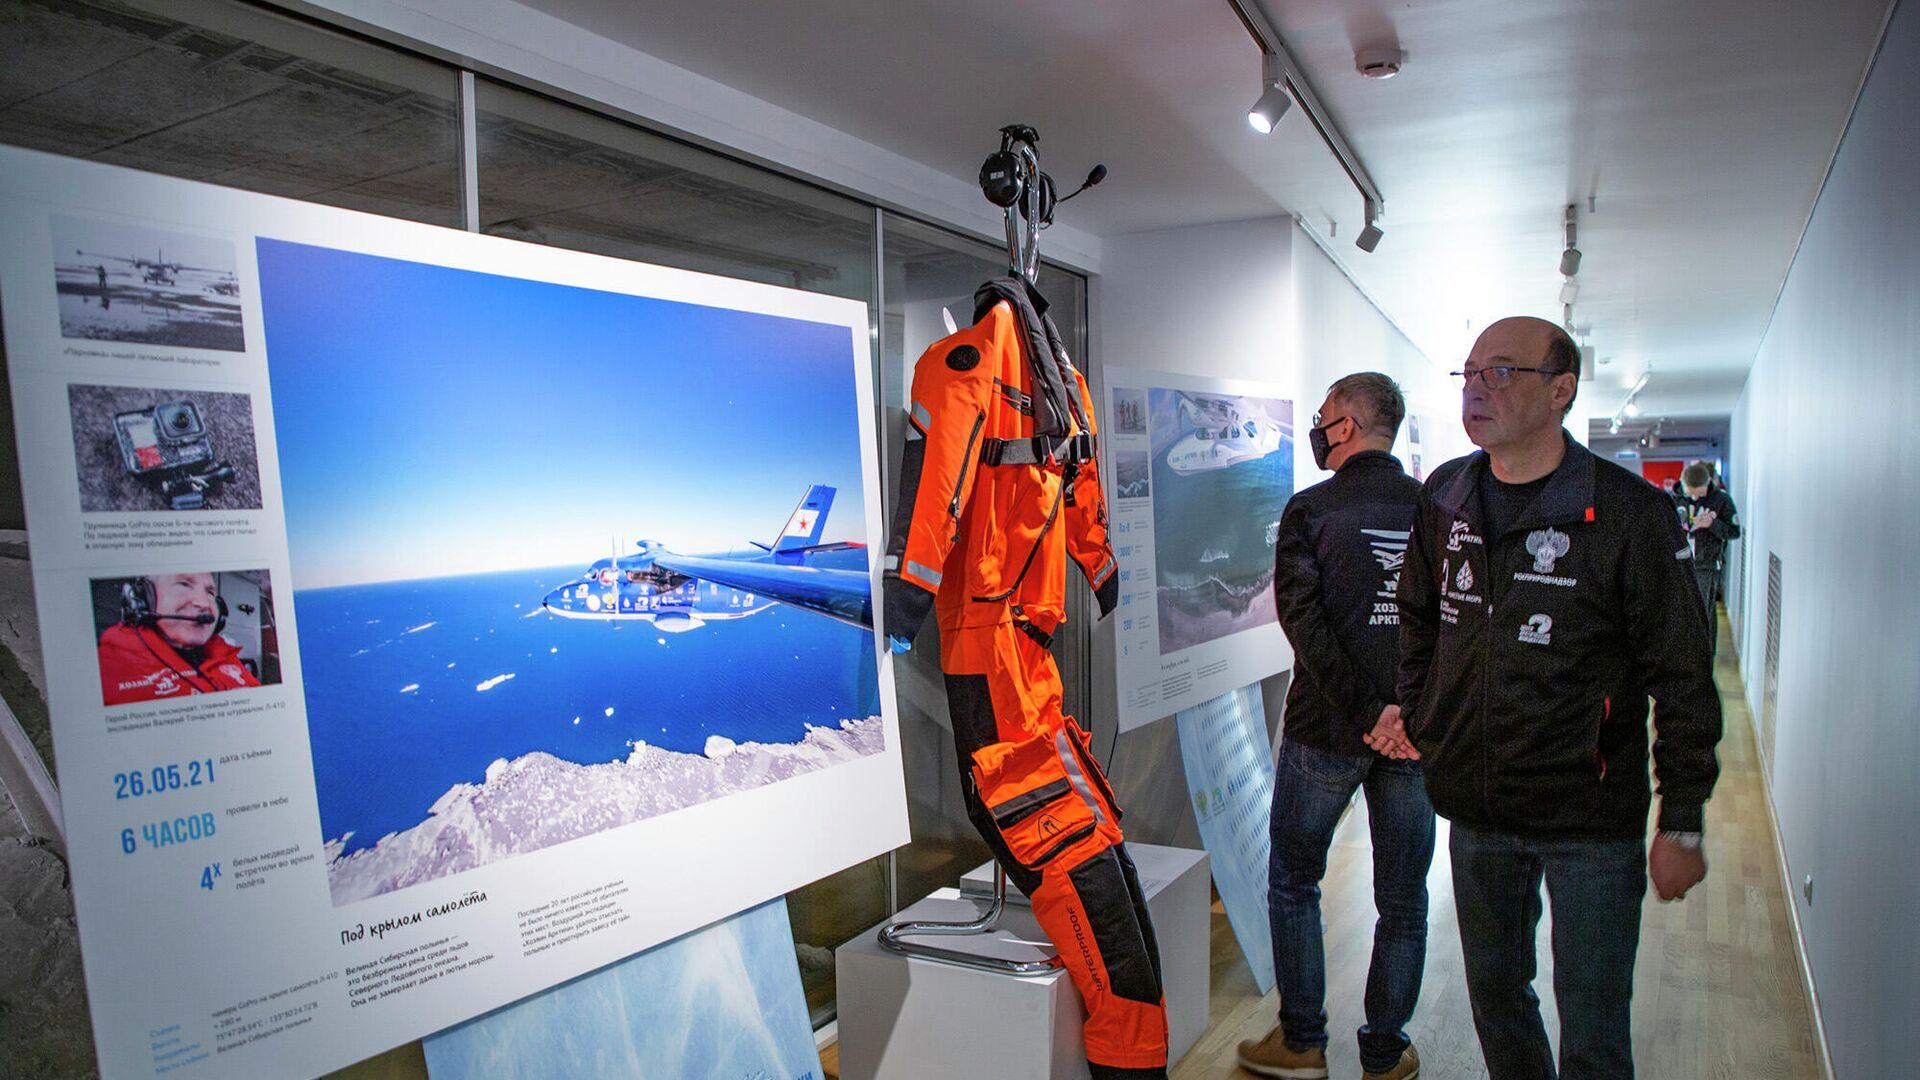 1751340678 0:7:2000:1132 1920x0 80 0 0 7834c162c69e595c7f426445cc42ff9e - В Москве открылась фотовыставка по итогам экспедиции в Арктику